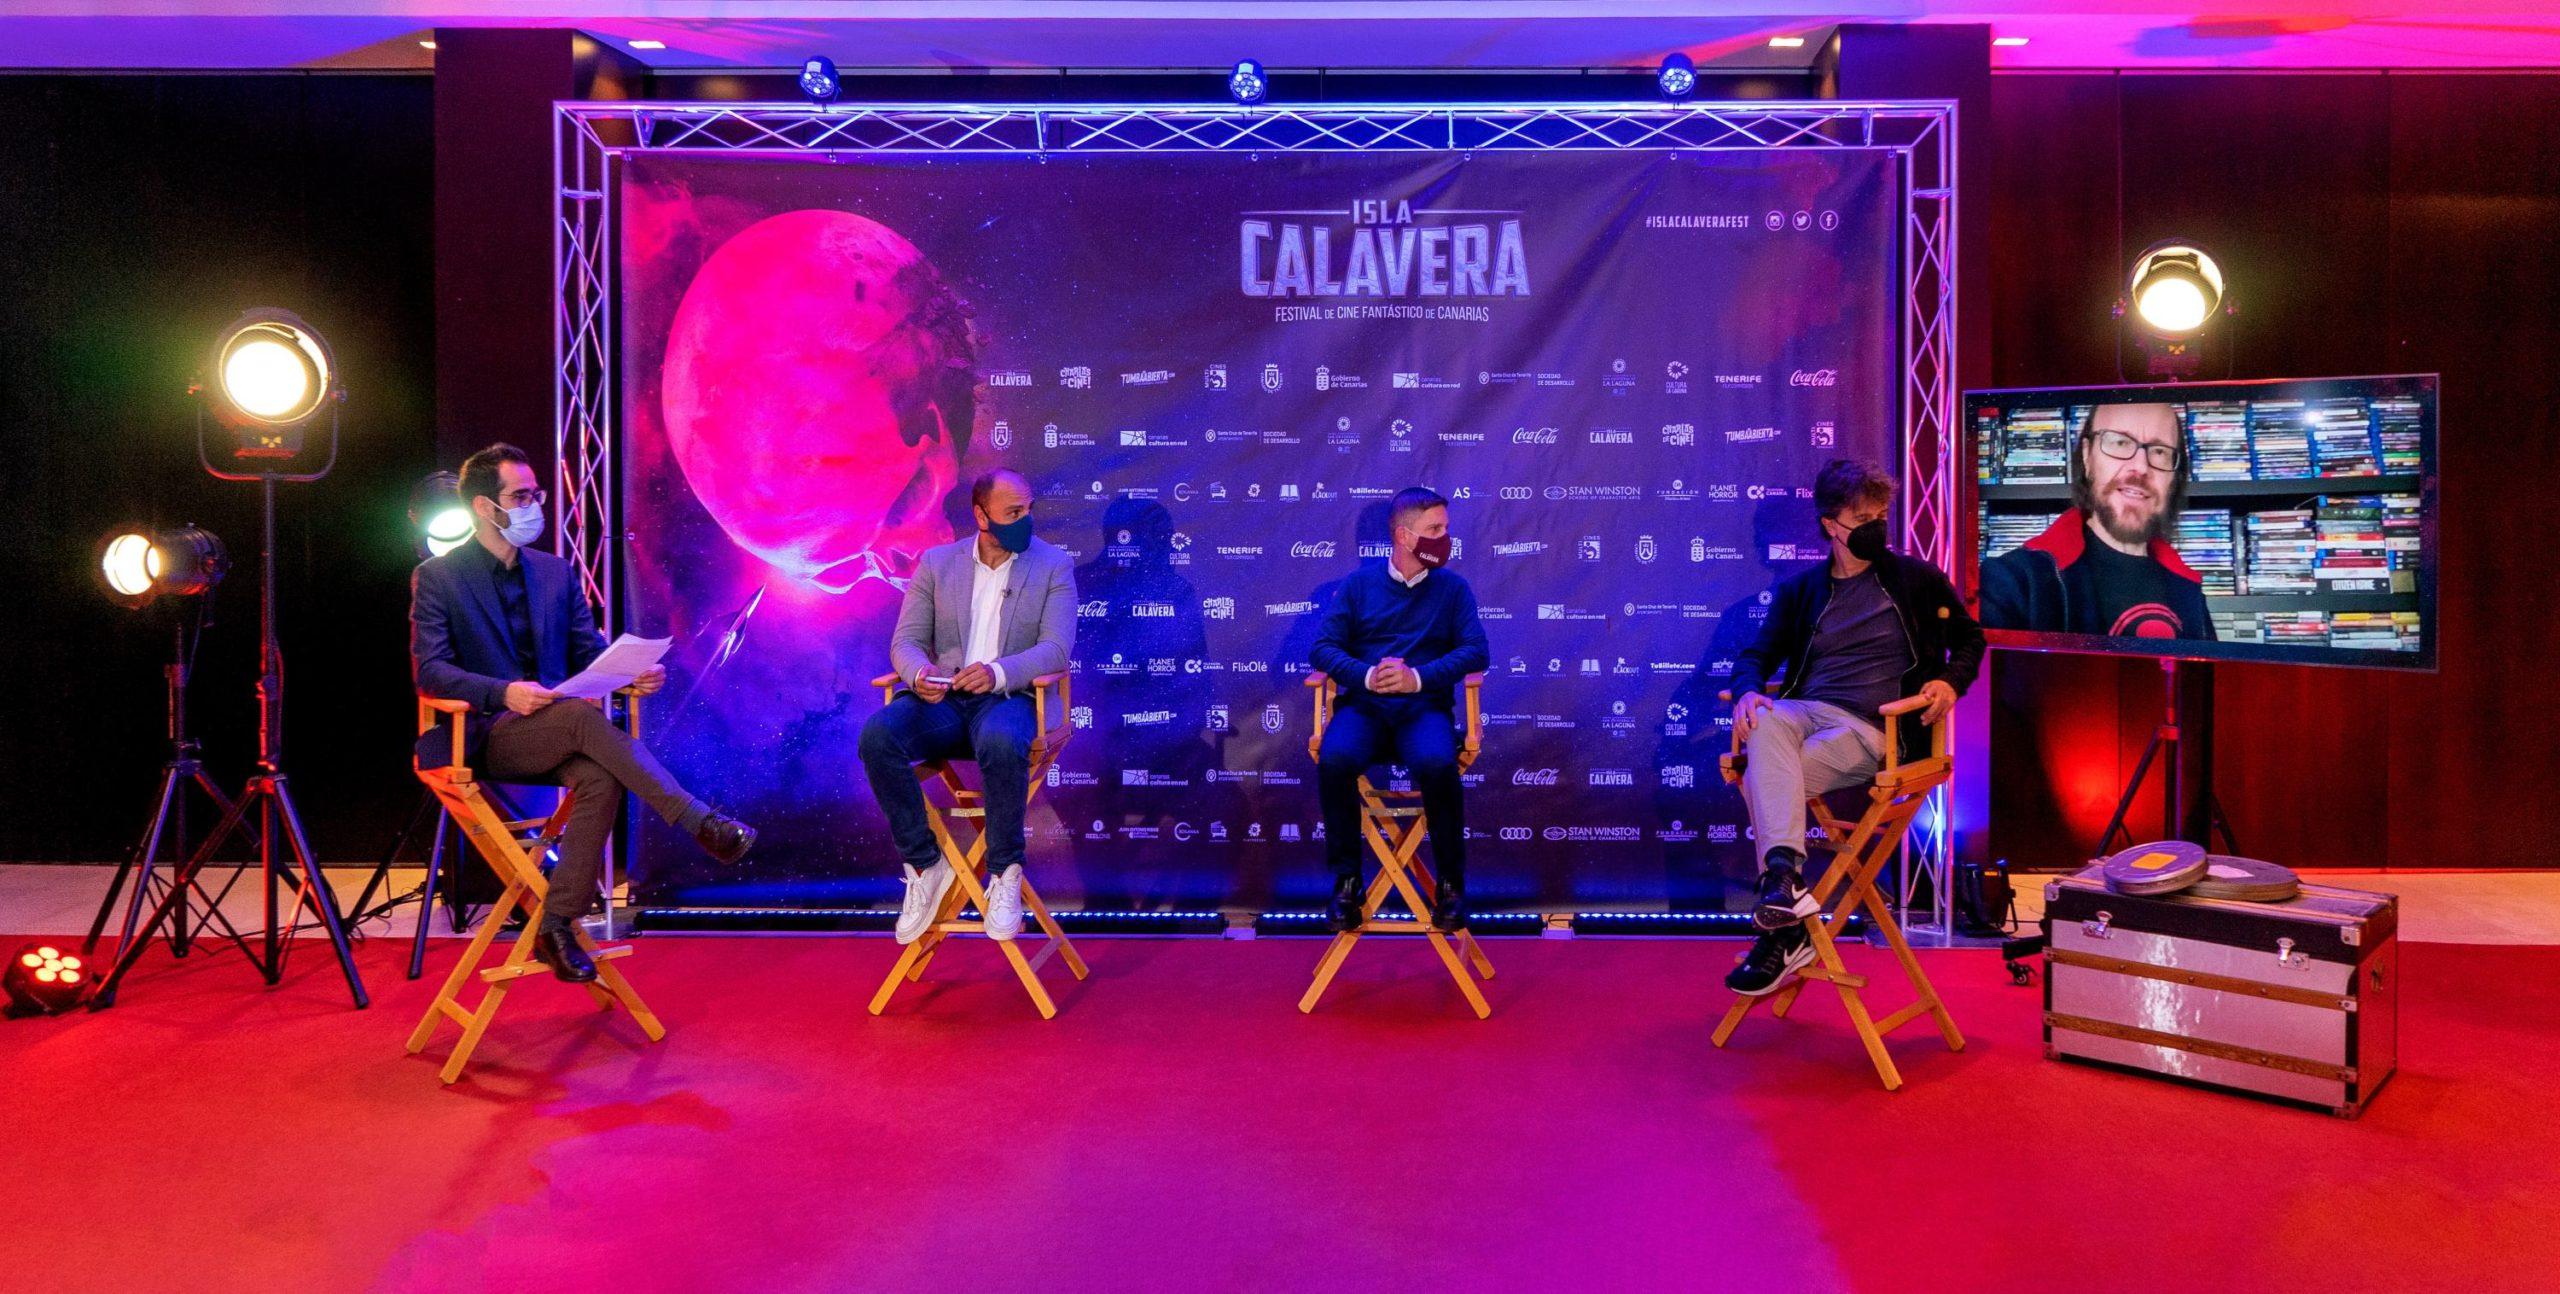 El II Encuentro de Industria del Festival Isla Calavera contó con la participación de grandes nombres como Santiago Segura.